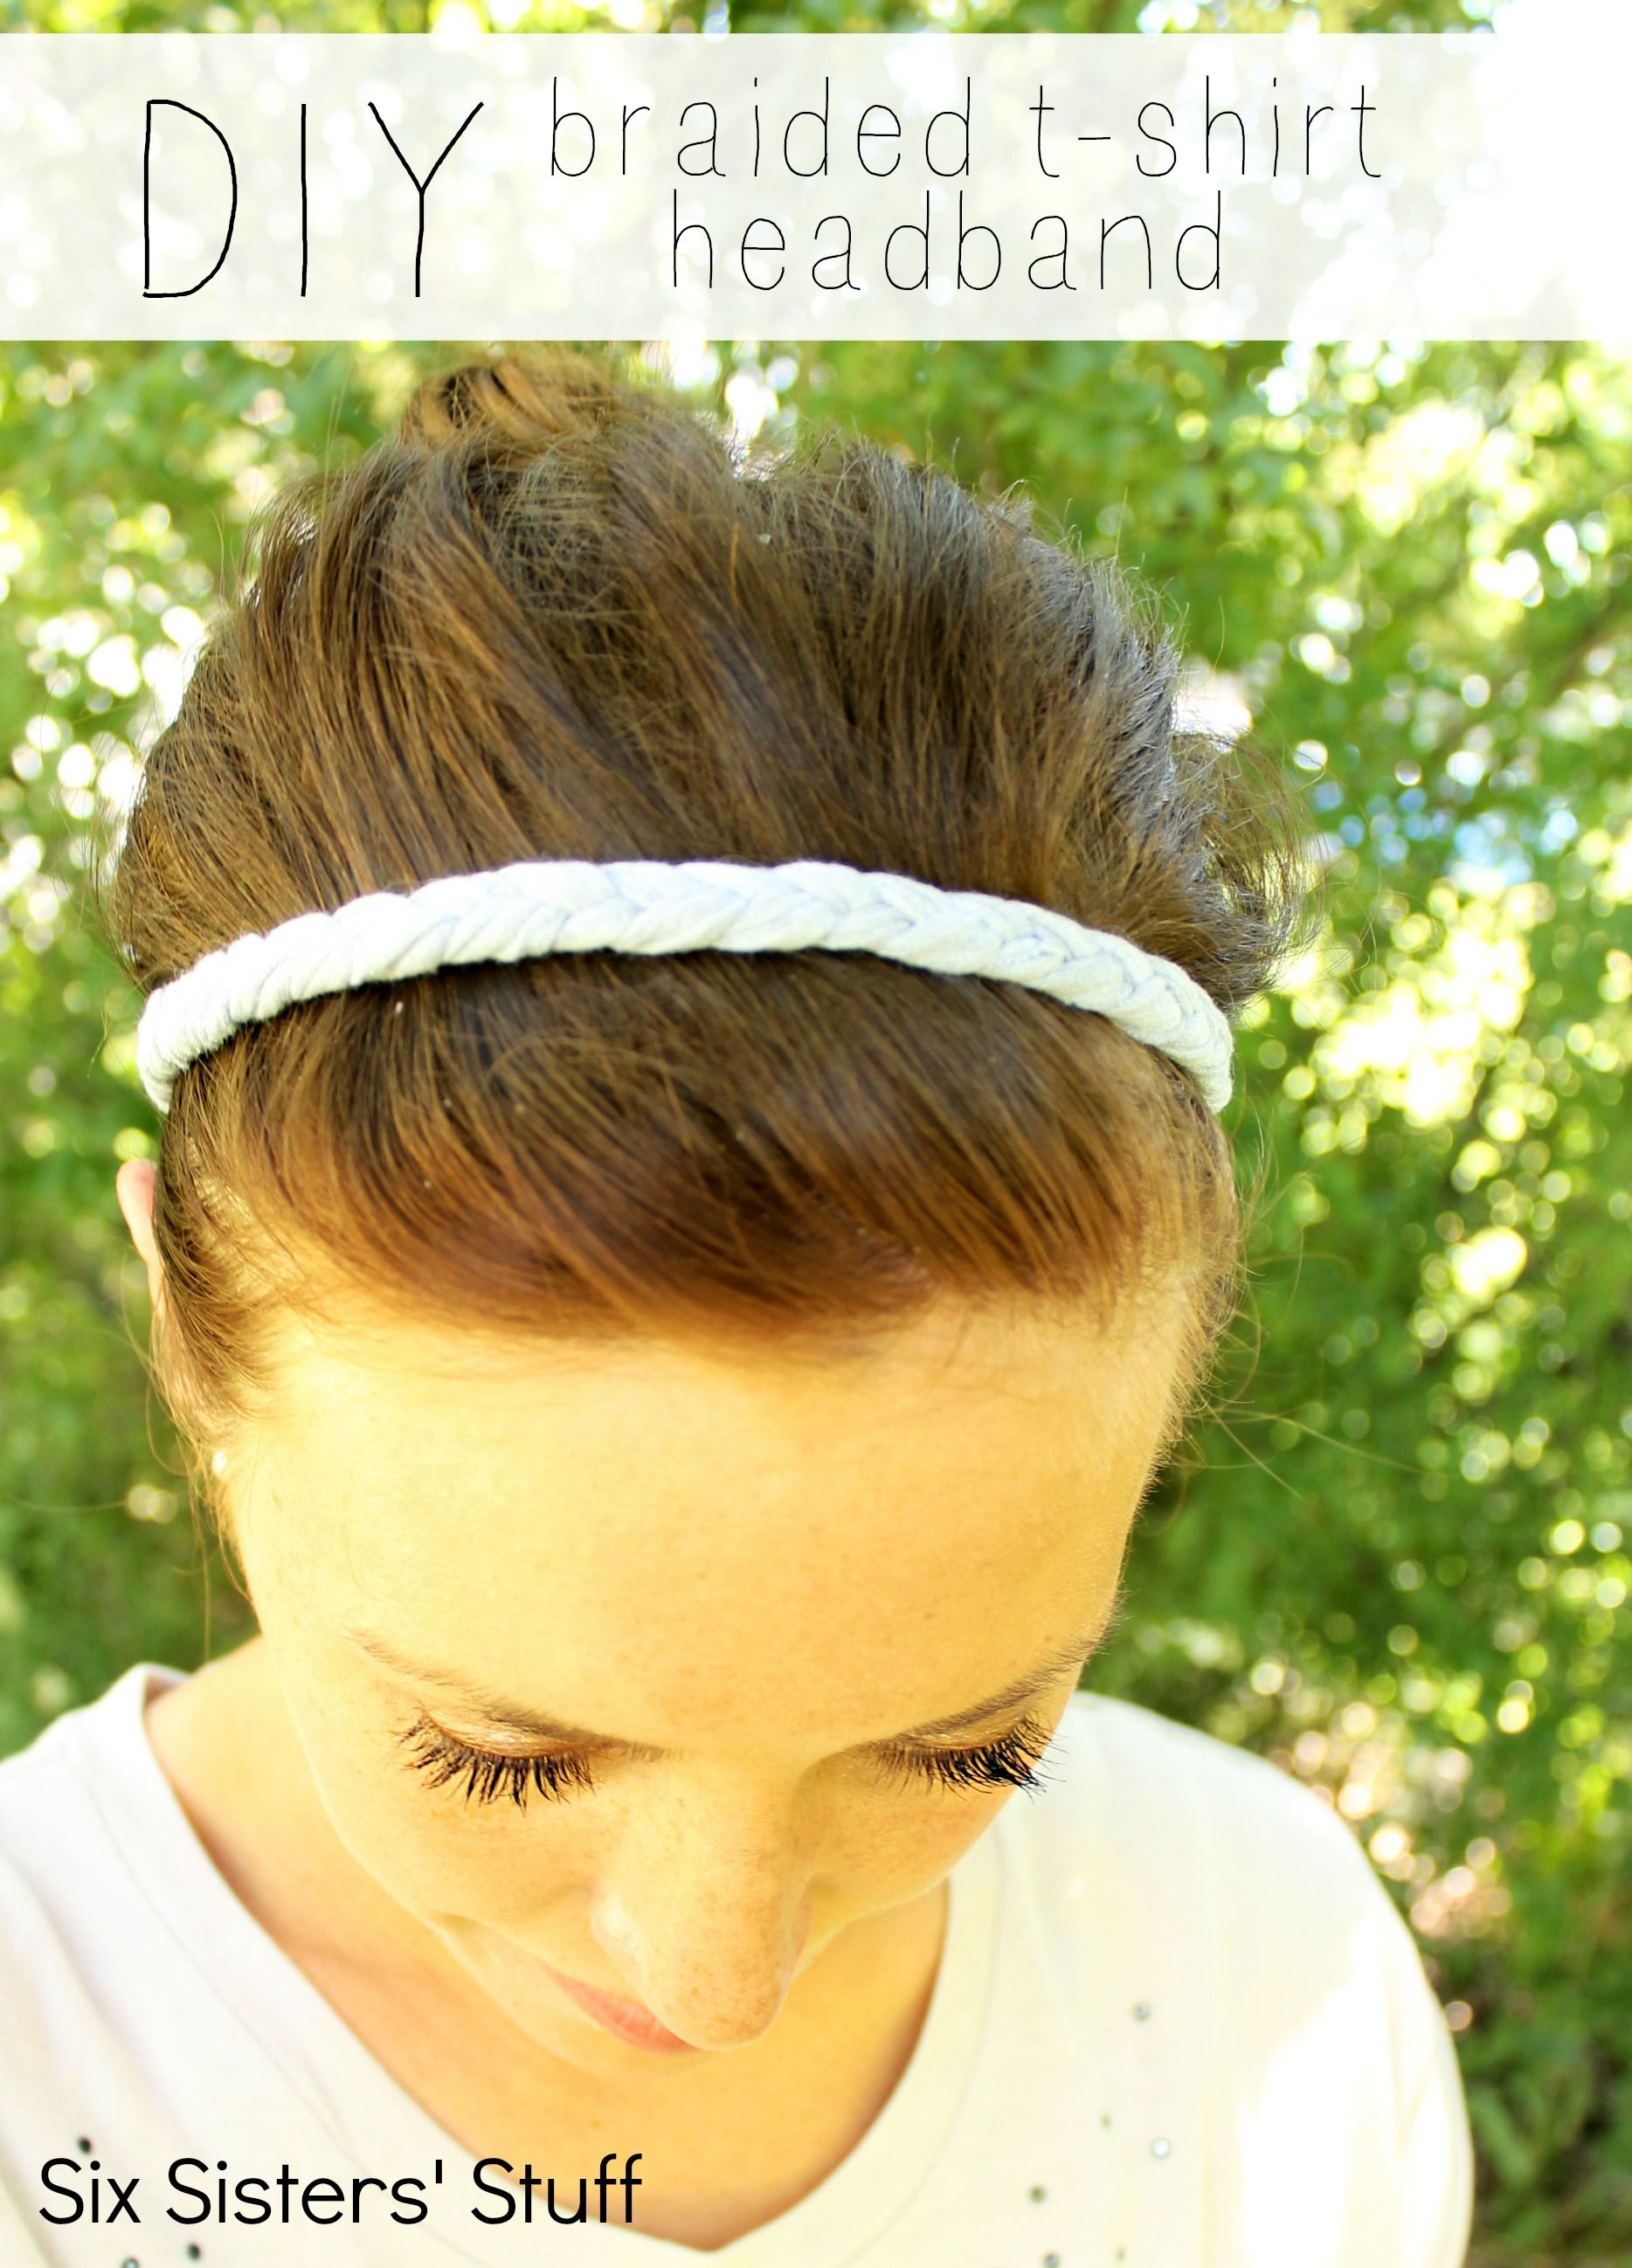 Diy braided tshirt headband tutorial from sixsistersstuff easy